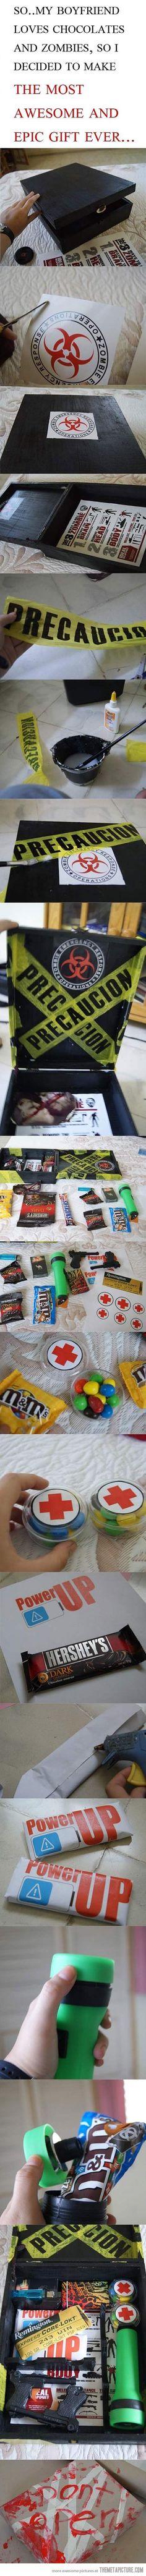 Best Zombie Apocalypse Gift ever! (Fazer com 1s socorros (tipo pensos alcool)em vez de doces